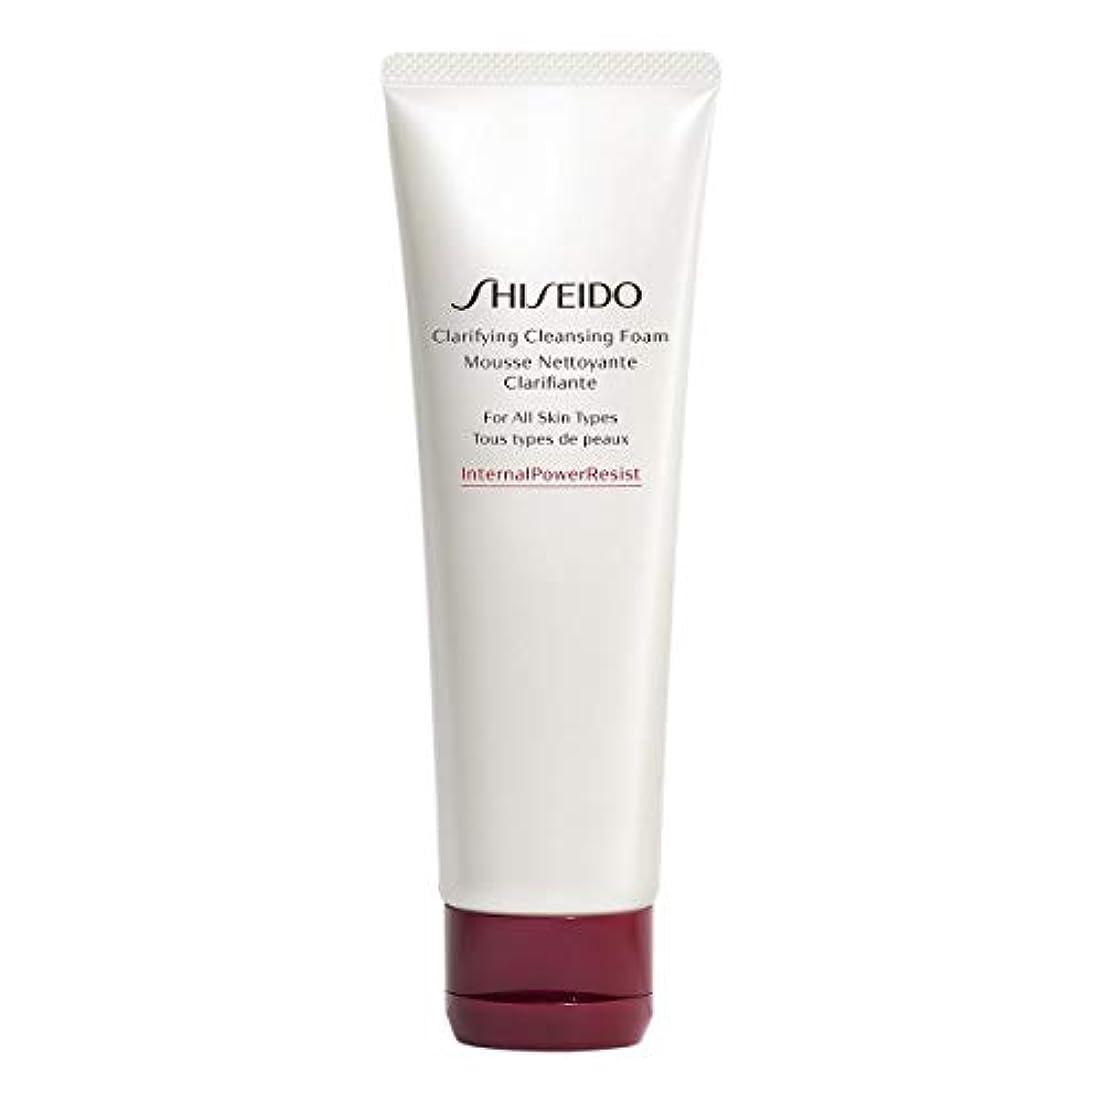 消化器大きさ確執資生堂 Defend Beauty Clarifying Cleansing Foam 125ml/4.6oz並行輸入品